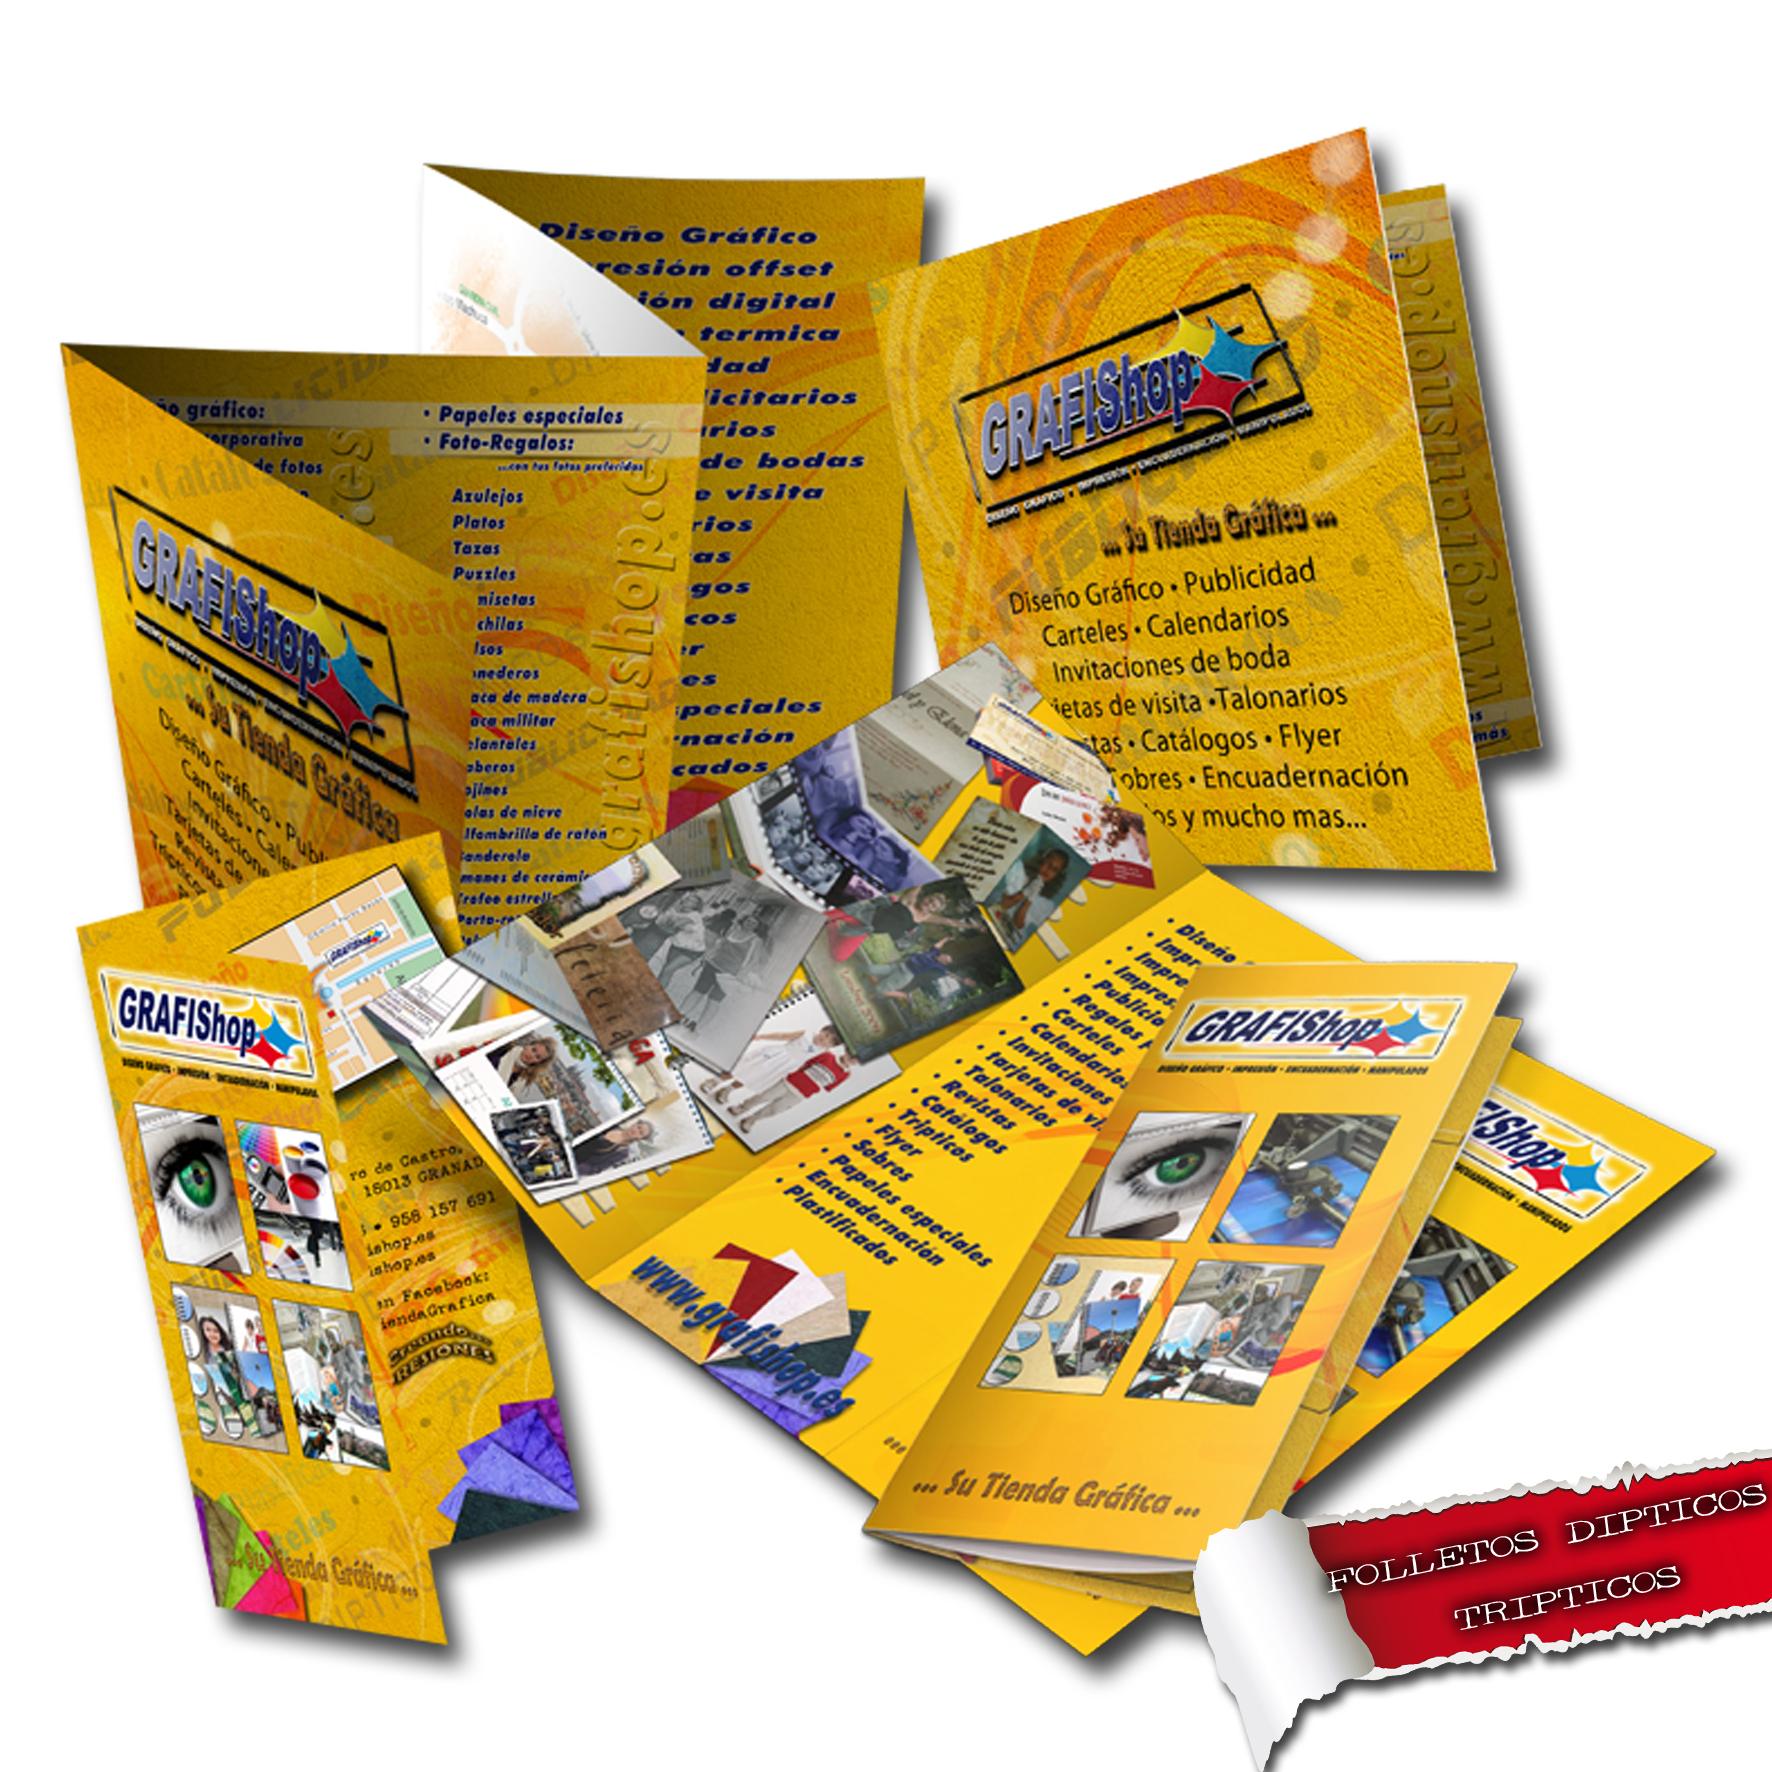 7a0074e606019 ... Puedes imprimir tu publicidad con toda la información necesaria para tu  negocio